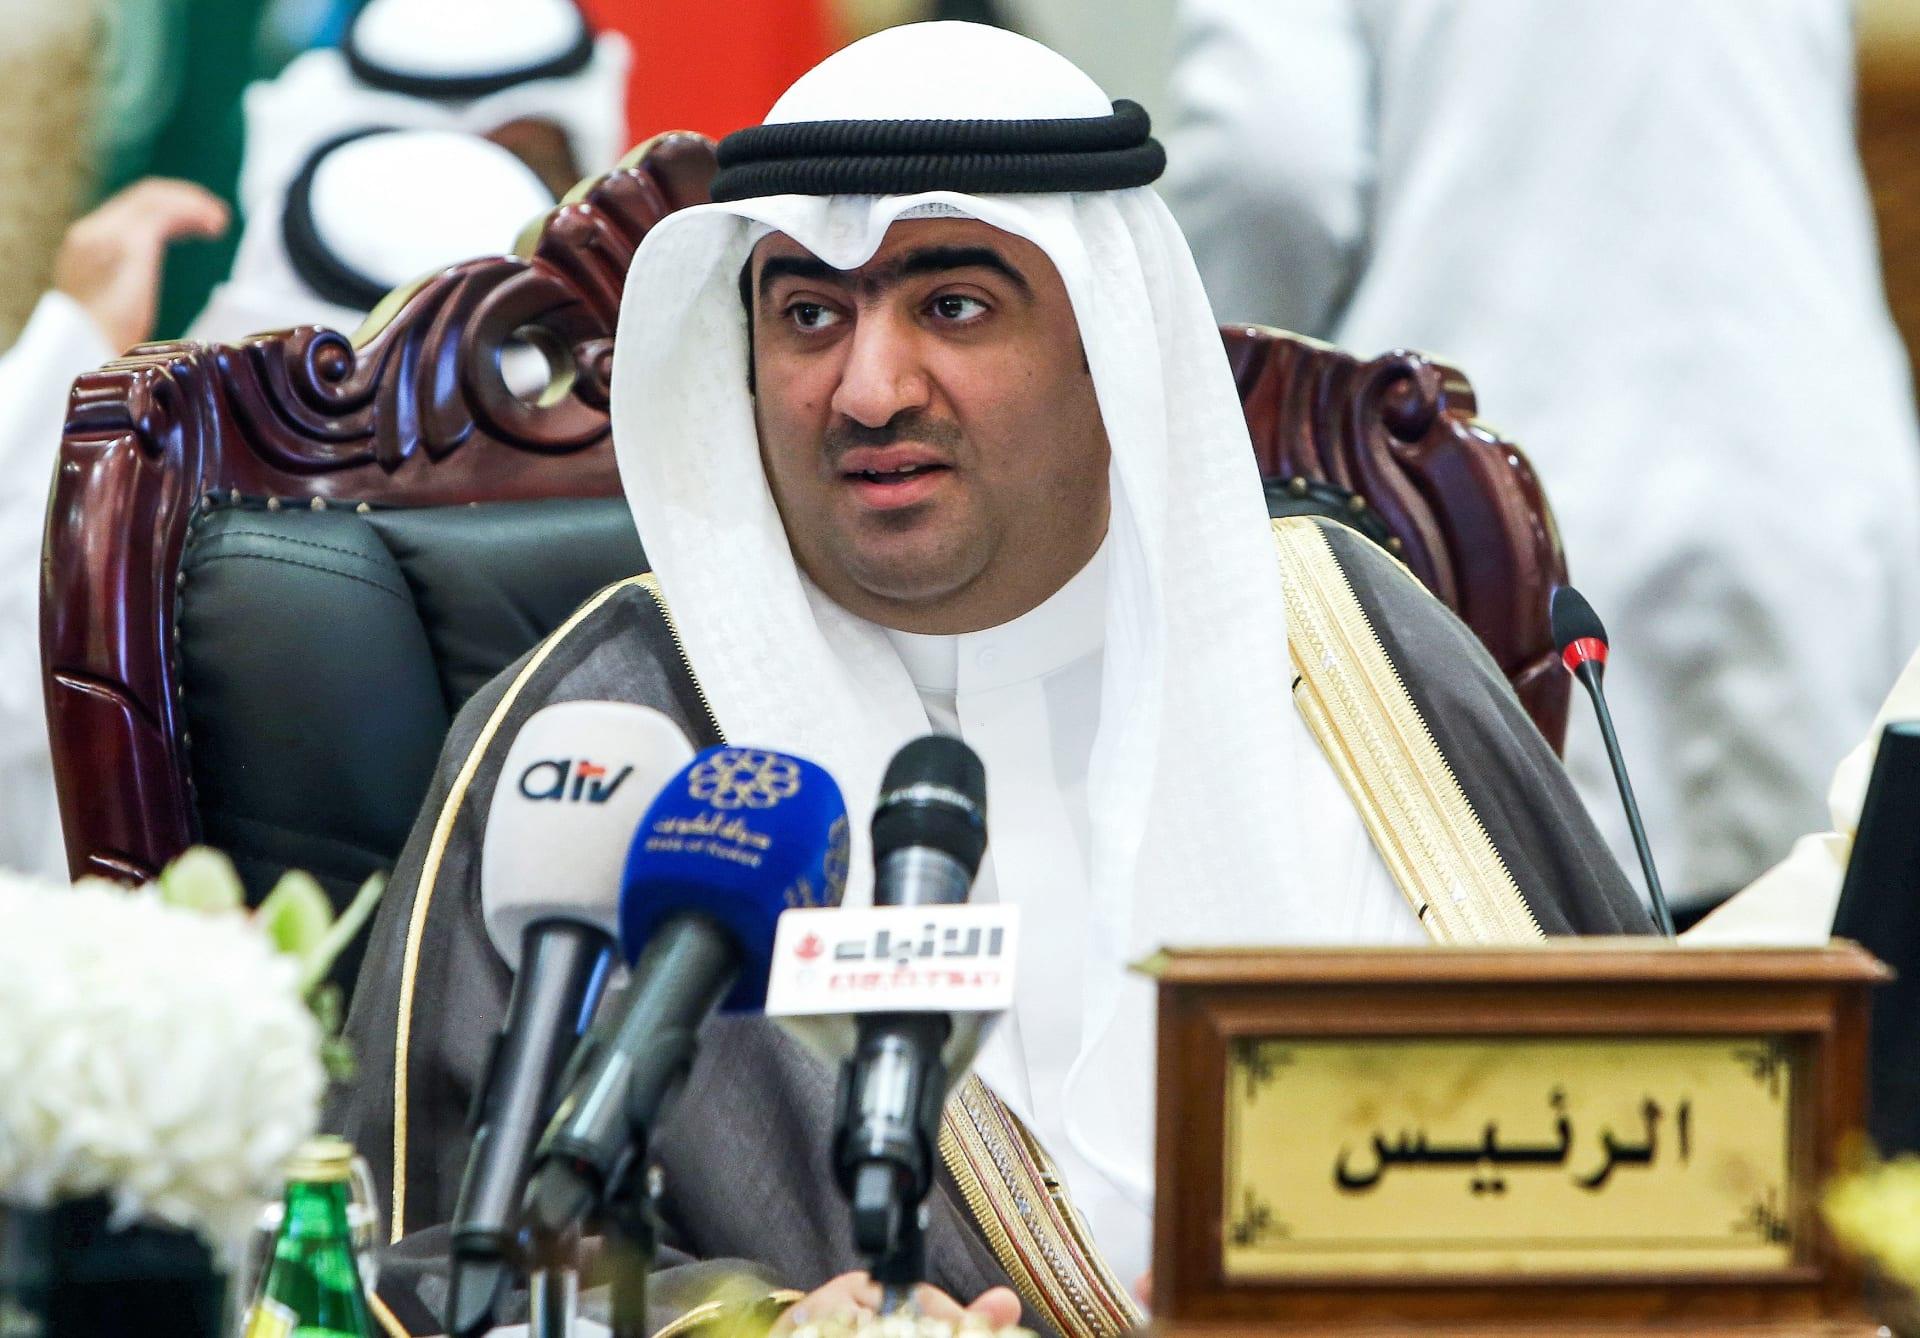 وزير التجارة الكويتي يكشف عن استثمارات أجنبية بـ9.2 مليار دولار